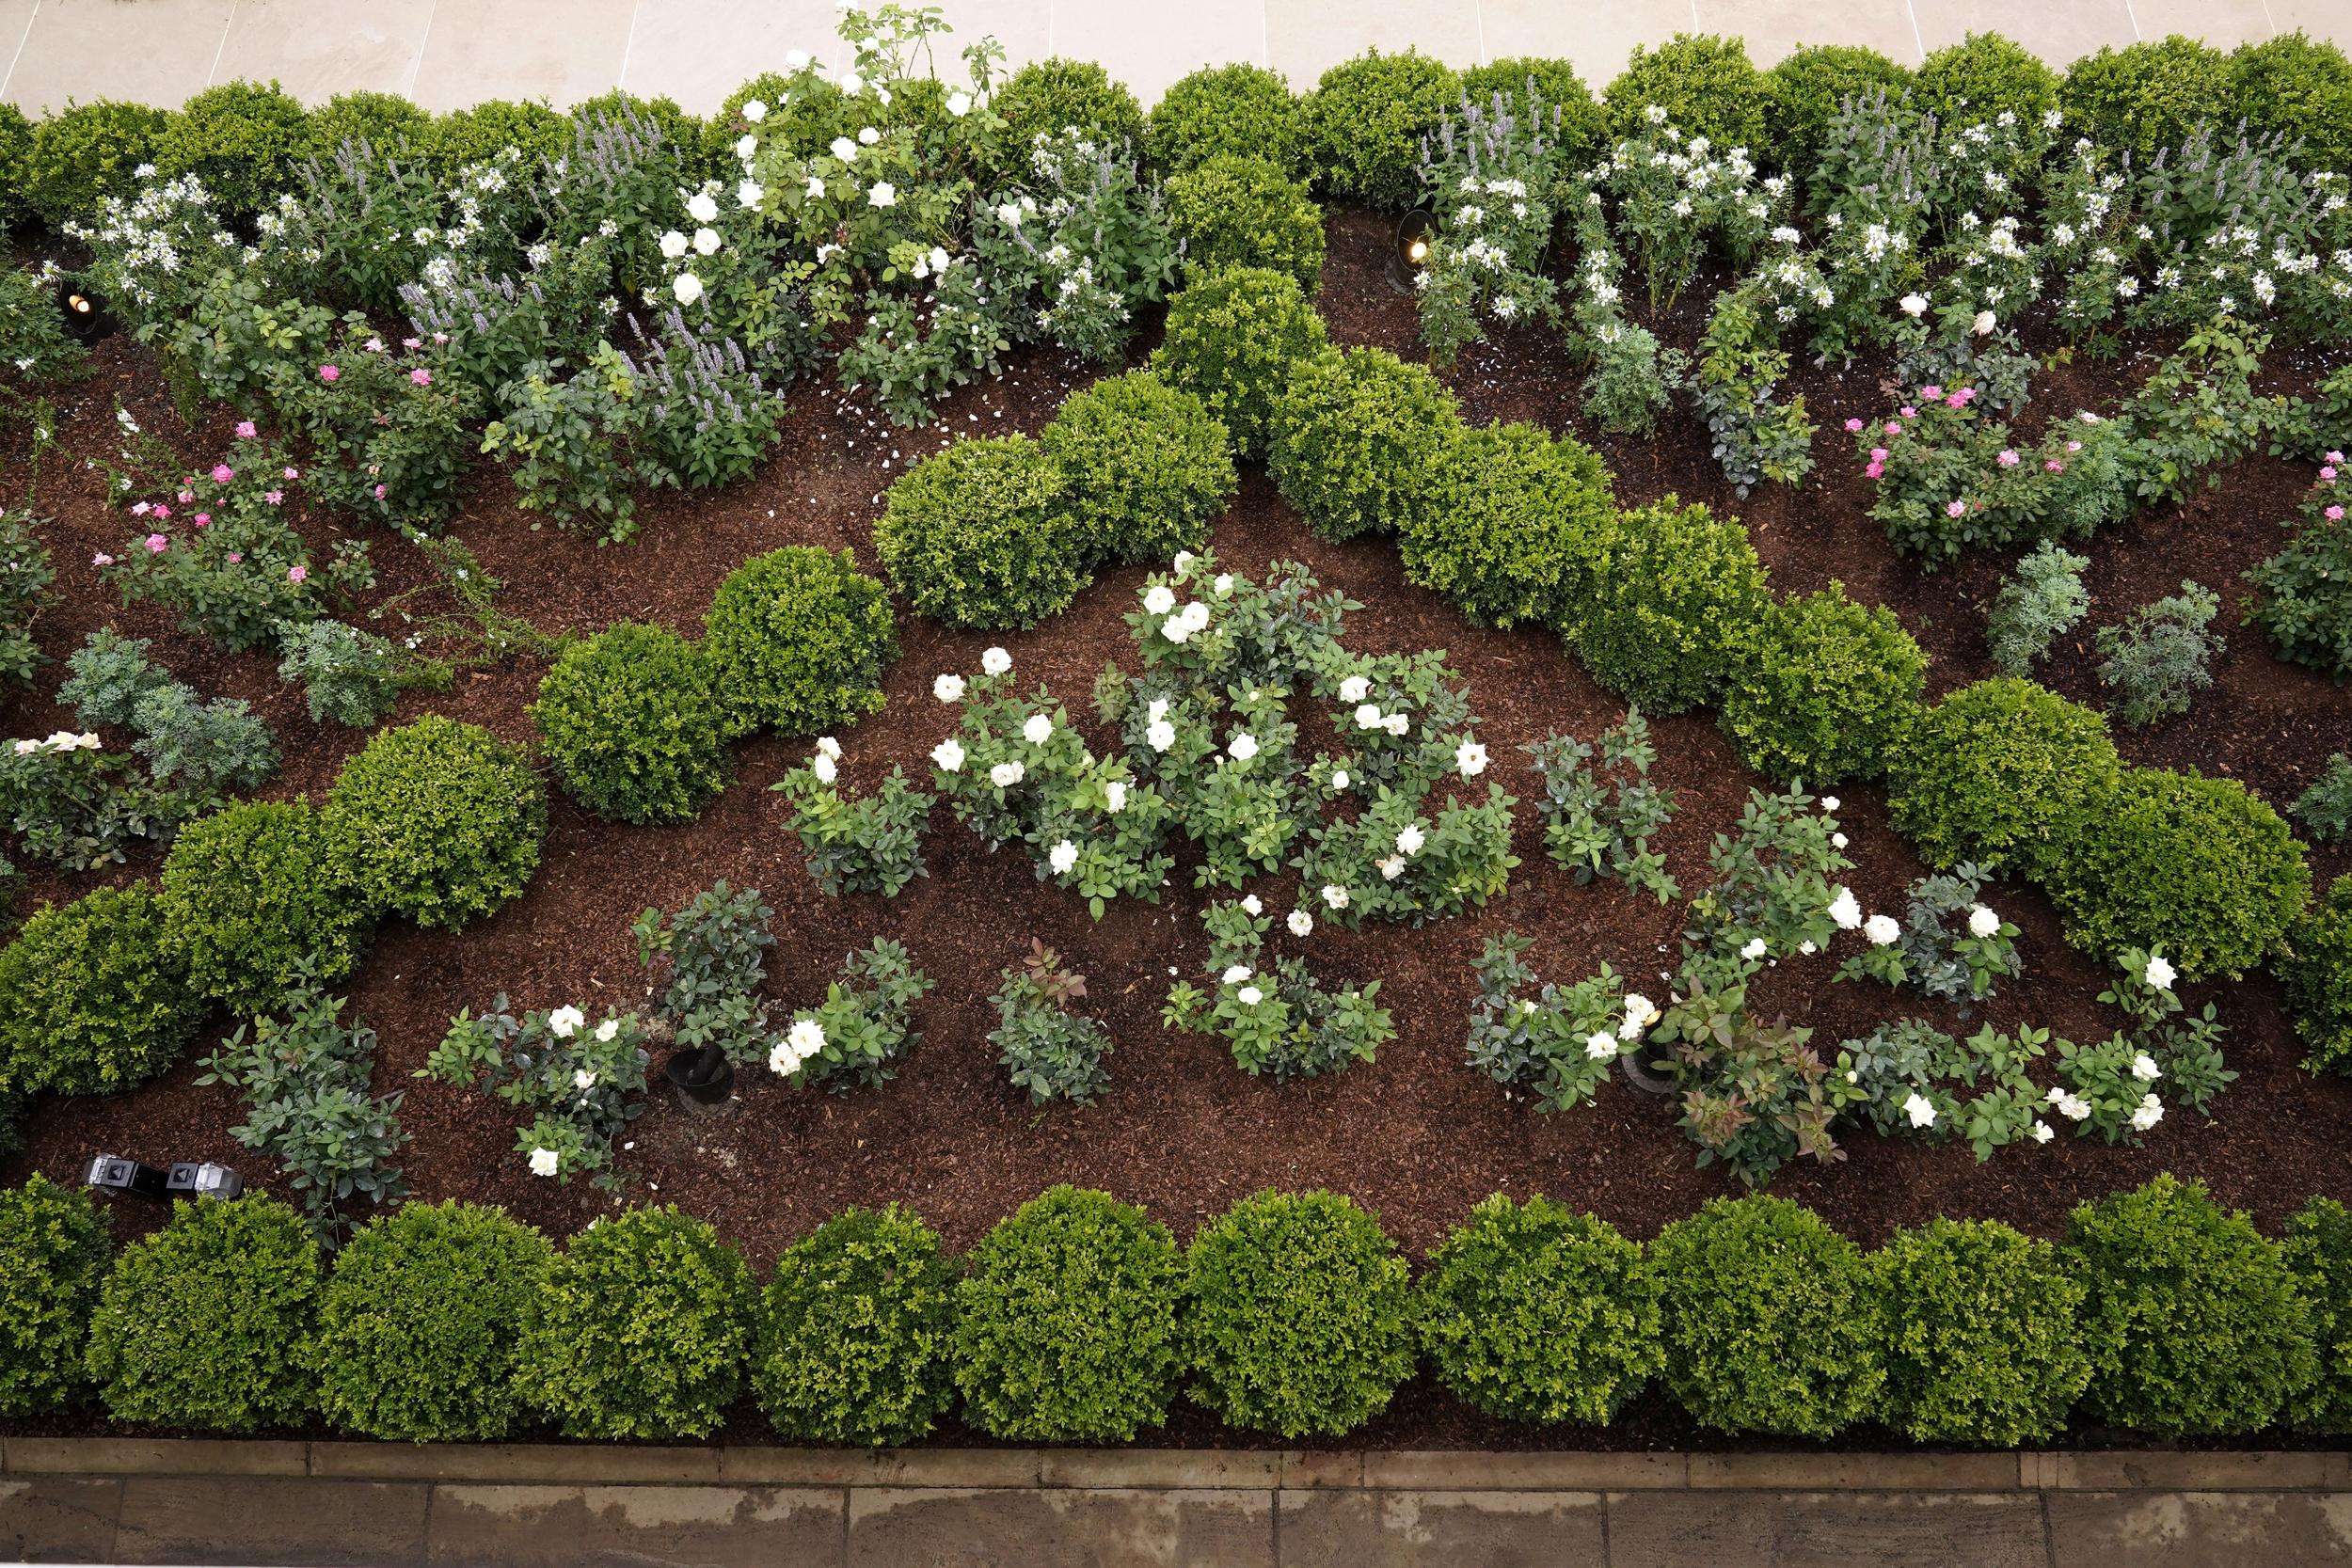 Spruced Up White House Rose Garden Set For Melania Trump Speech